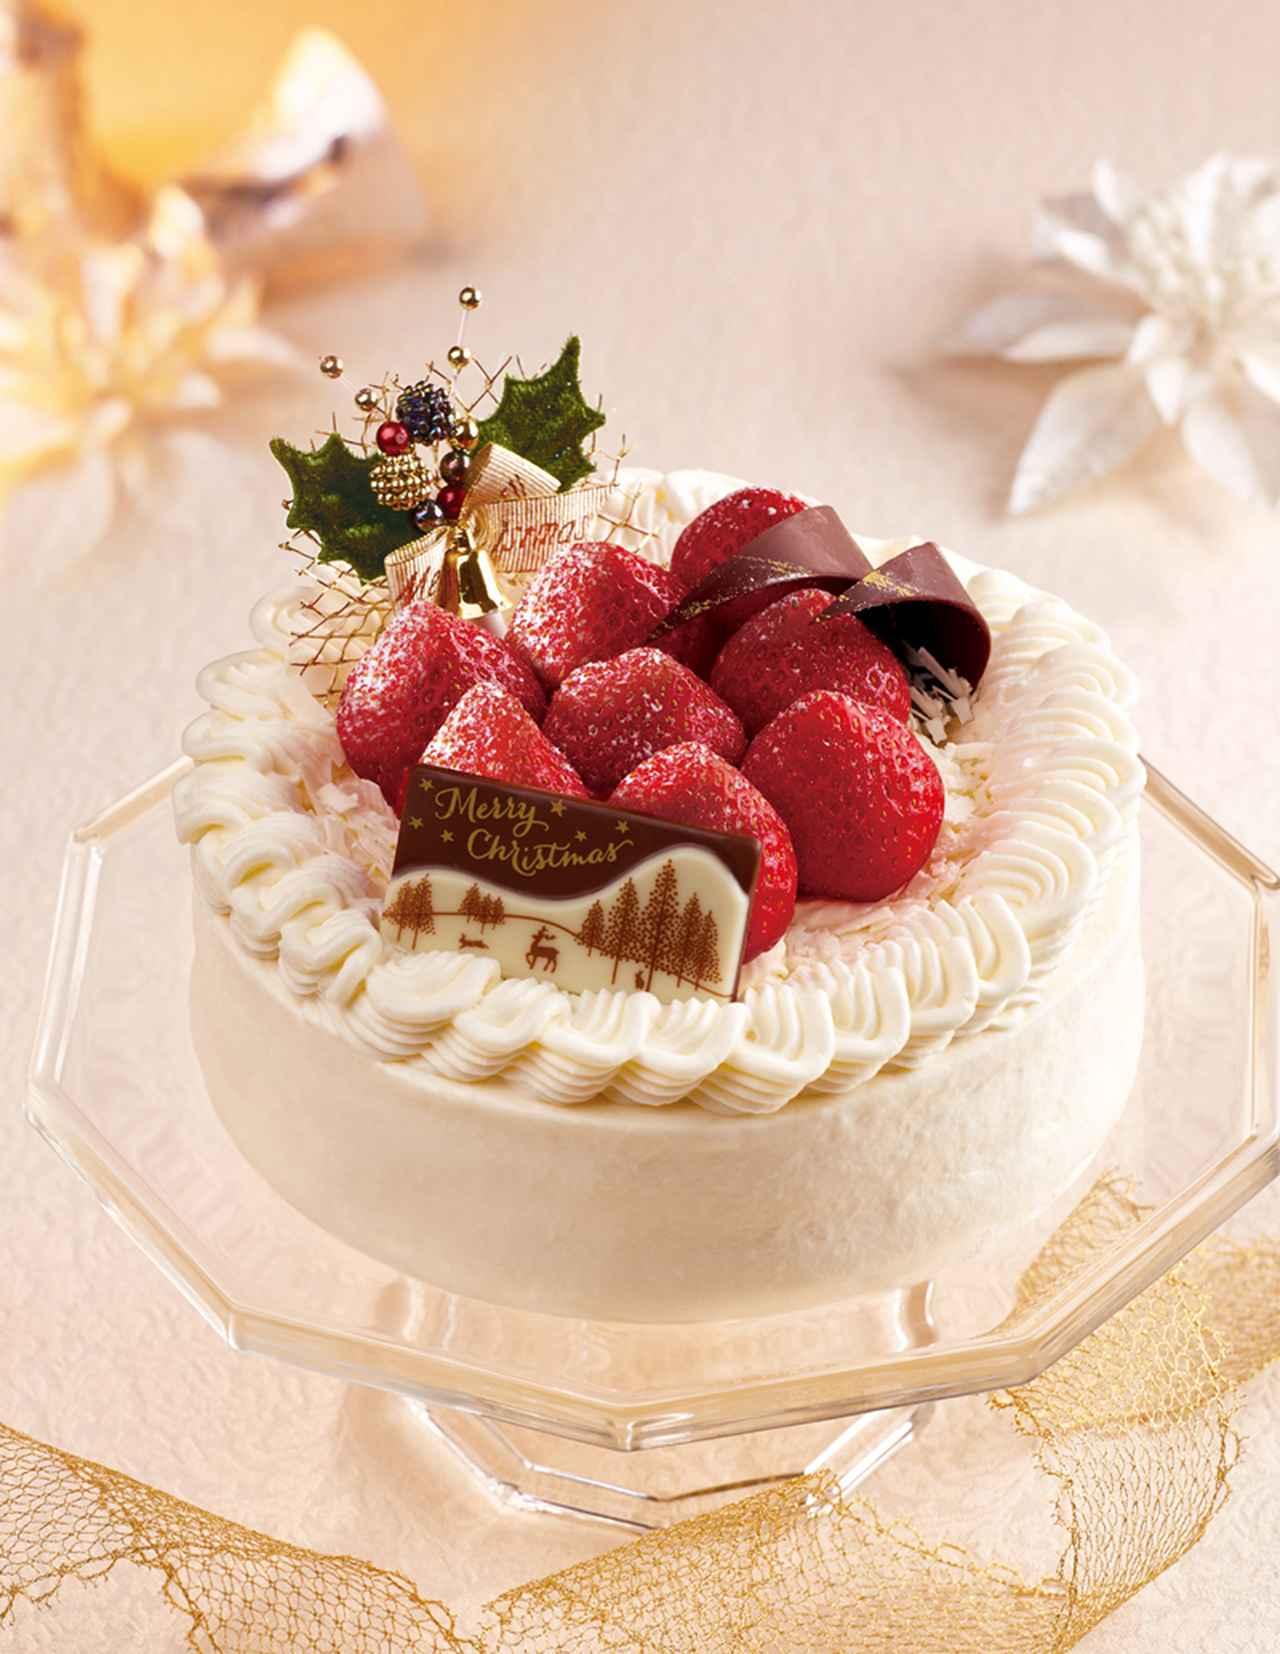 画像: スポンジ、生クリーム、スライスした苺を贅沢に2段にサンドしたクリスマスの定番、苺のショートケーキです。フレッシュな苺に芳醇な香味のマラスキーノ酒とパウダーシュガーをからませ、みずみずしさと香りを際立たせました。ふんわりとした口あたりの後、リッチな味わいが広がります。 価格 : 4,860円(税込) サイズ: 直径15cm